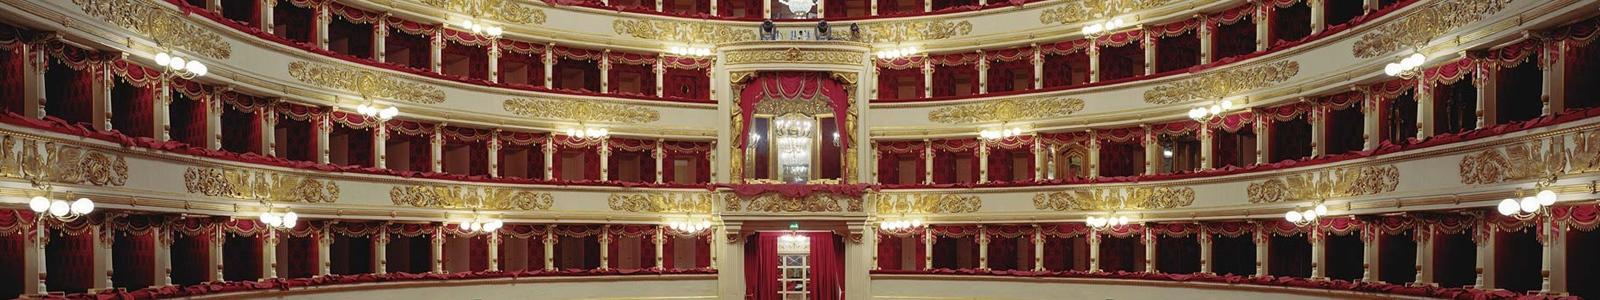 alla Scala viajesopera.com